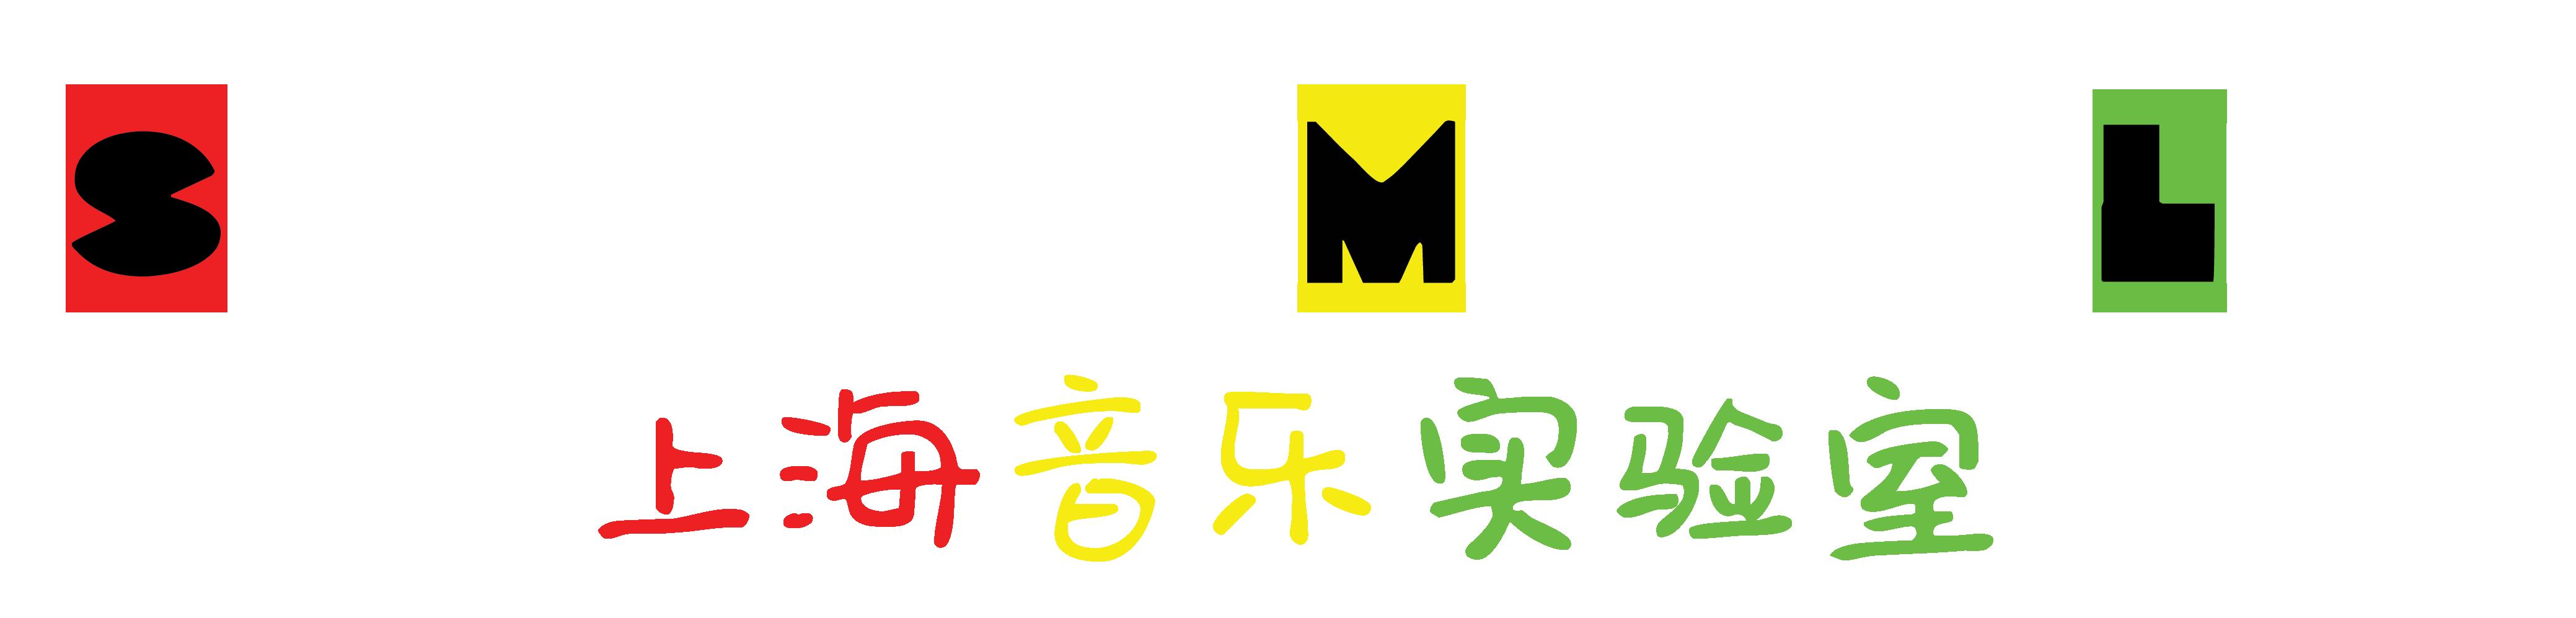 Shanghai Music Lab